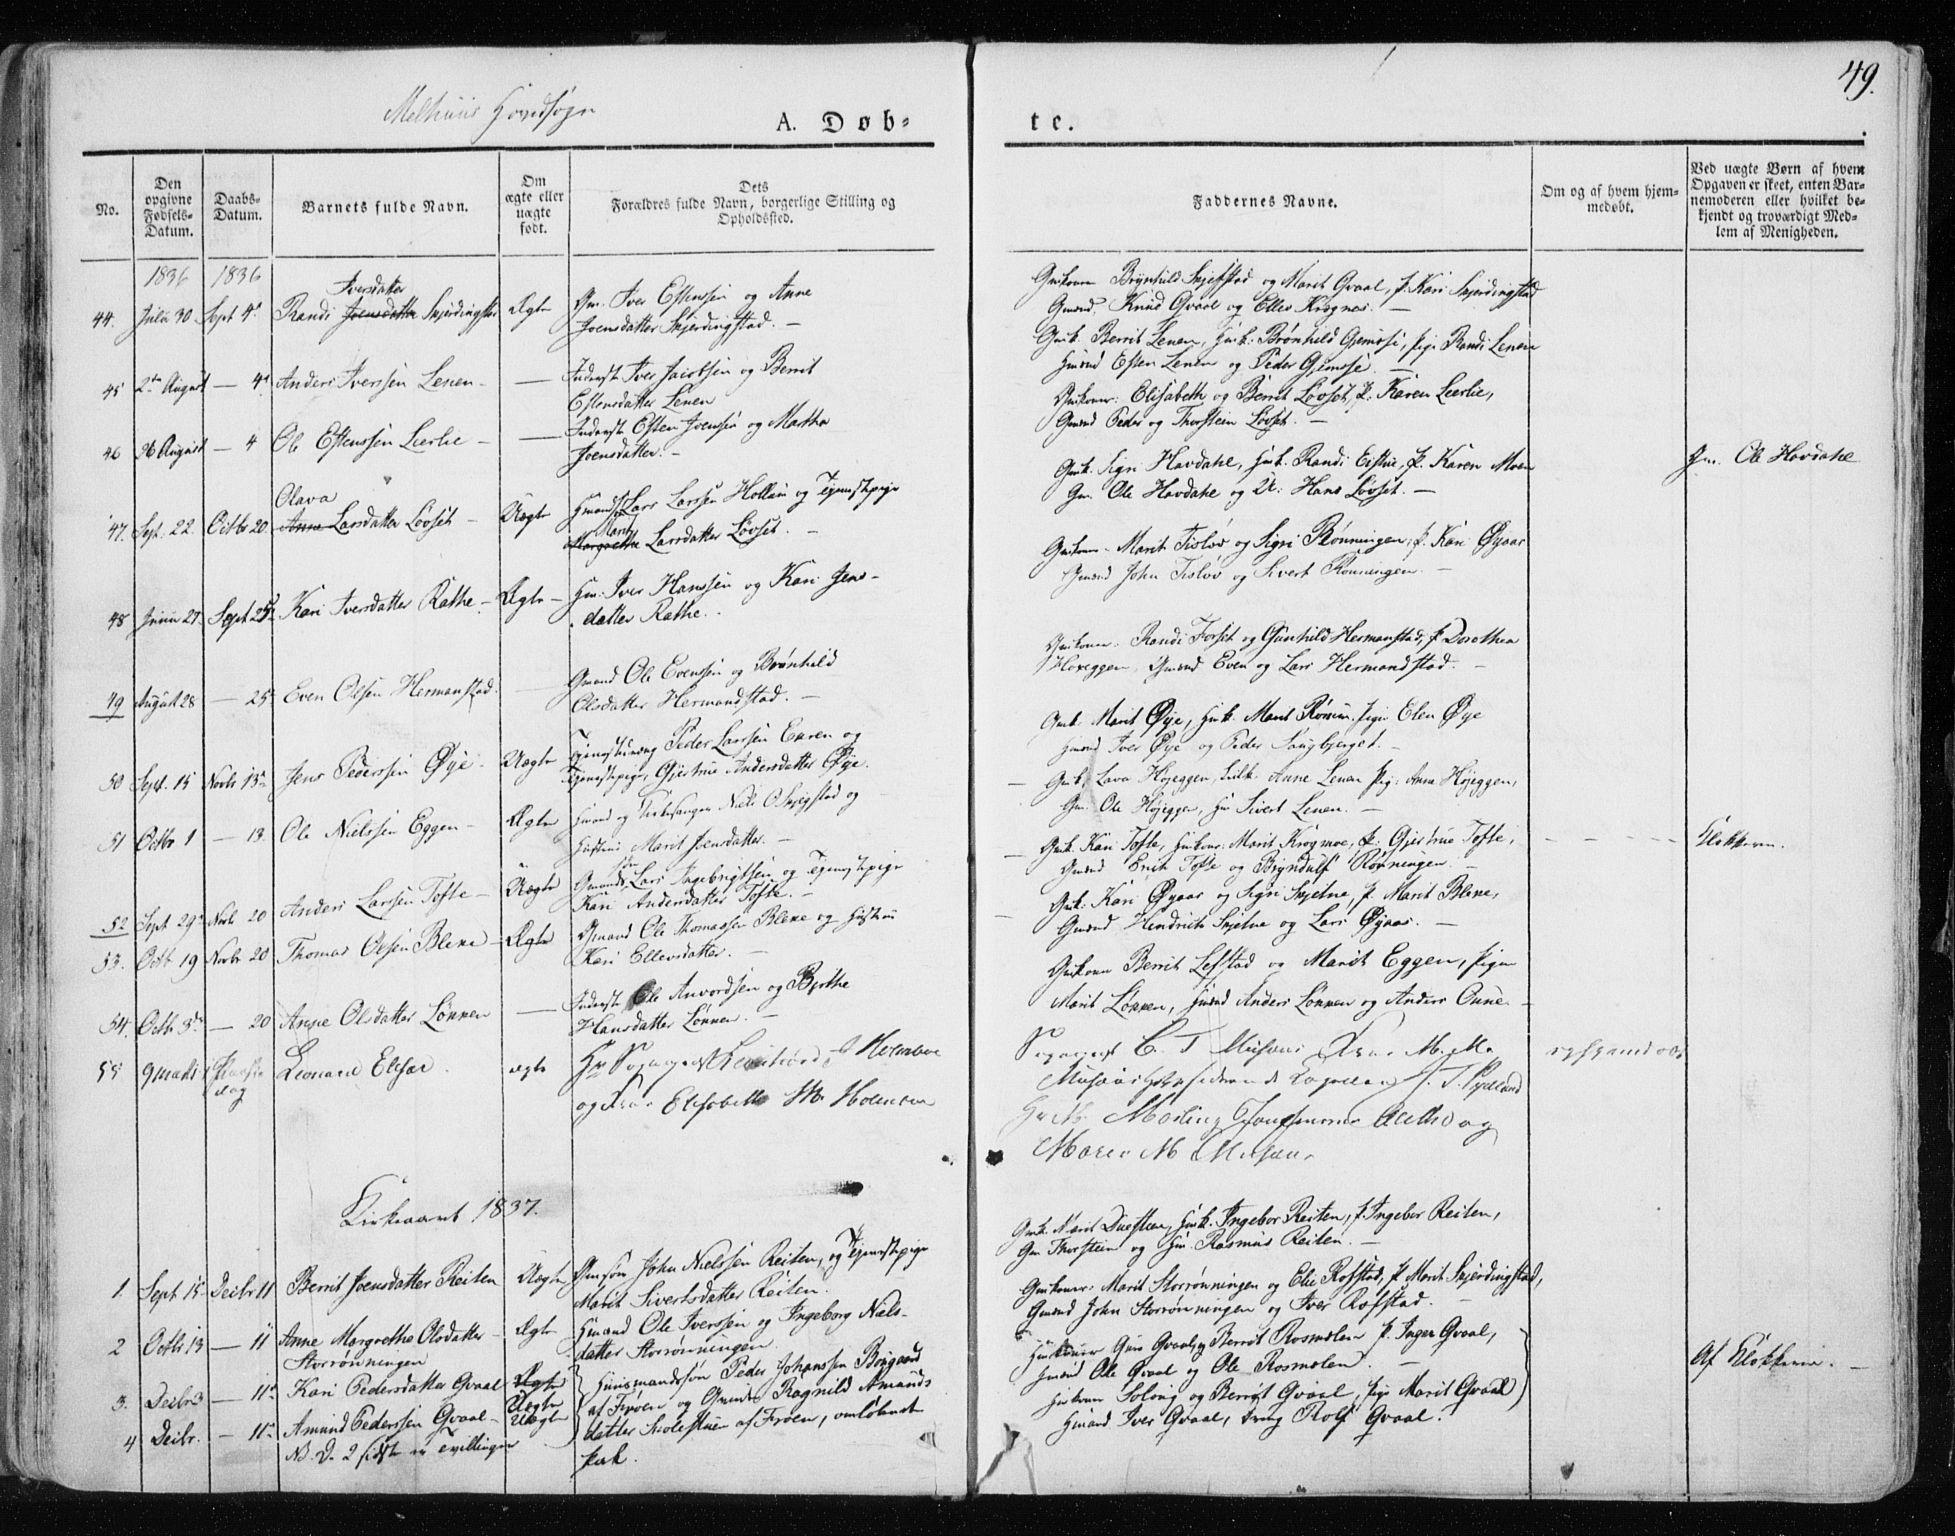 SAT, Ministerialprotokoller, klokkerbøker og fødselsregistre - Sør-Trøndelag, 691/L1069: Ministerialbok nr. 691A04, 1826-1841, s. 49